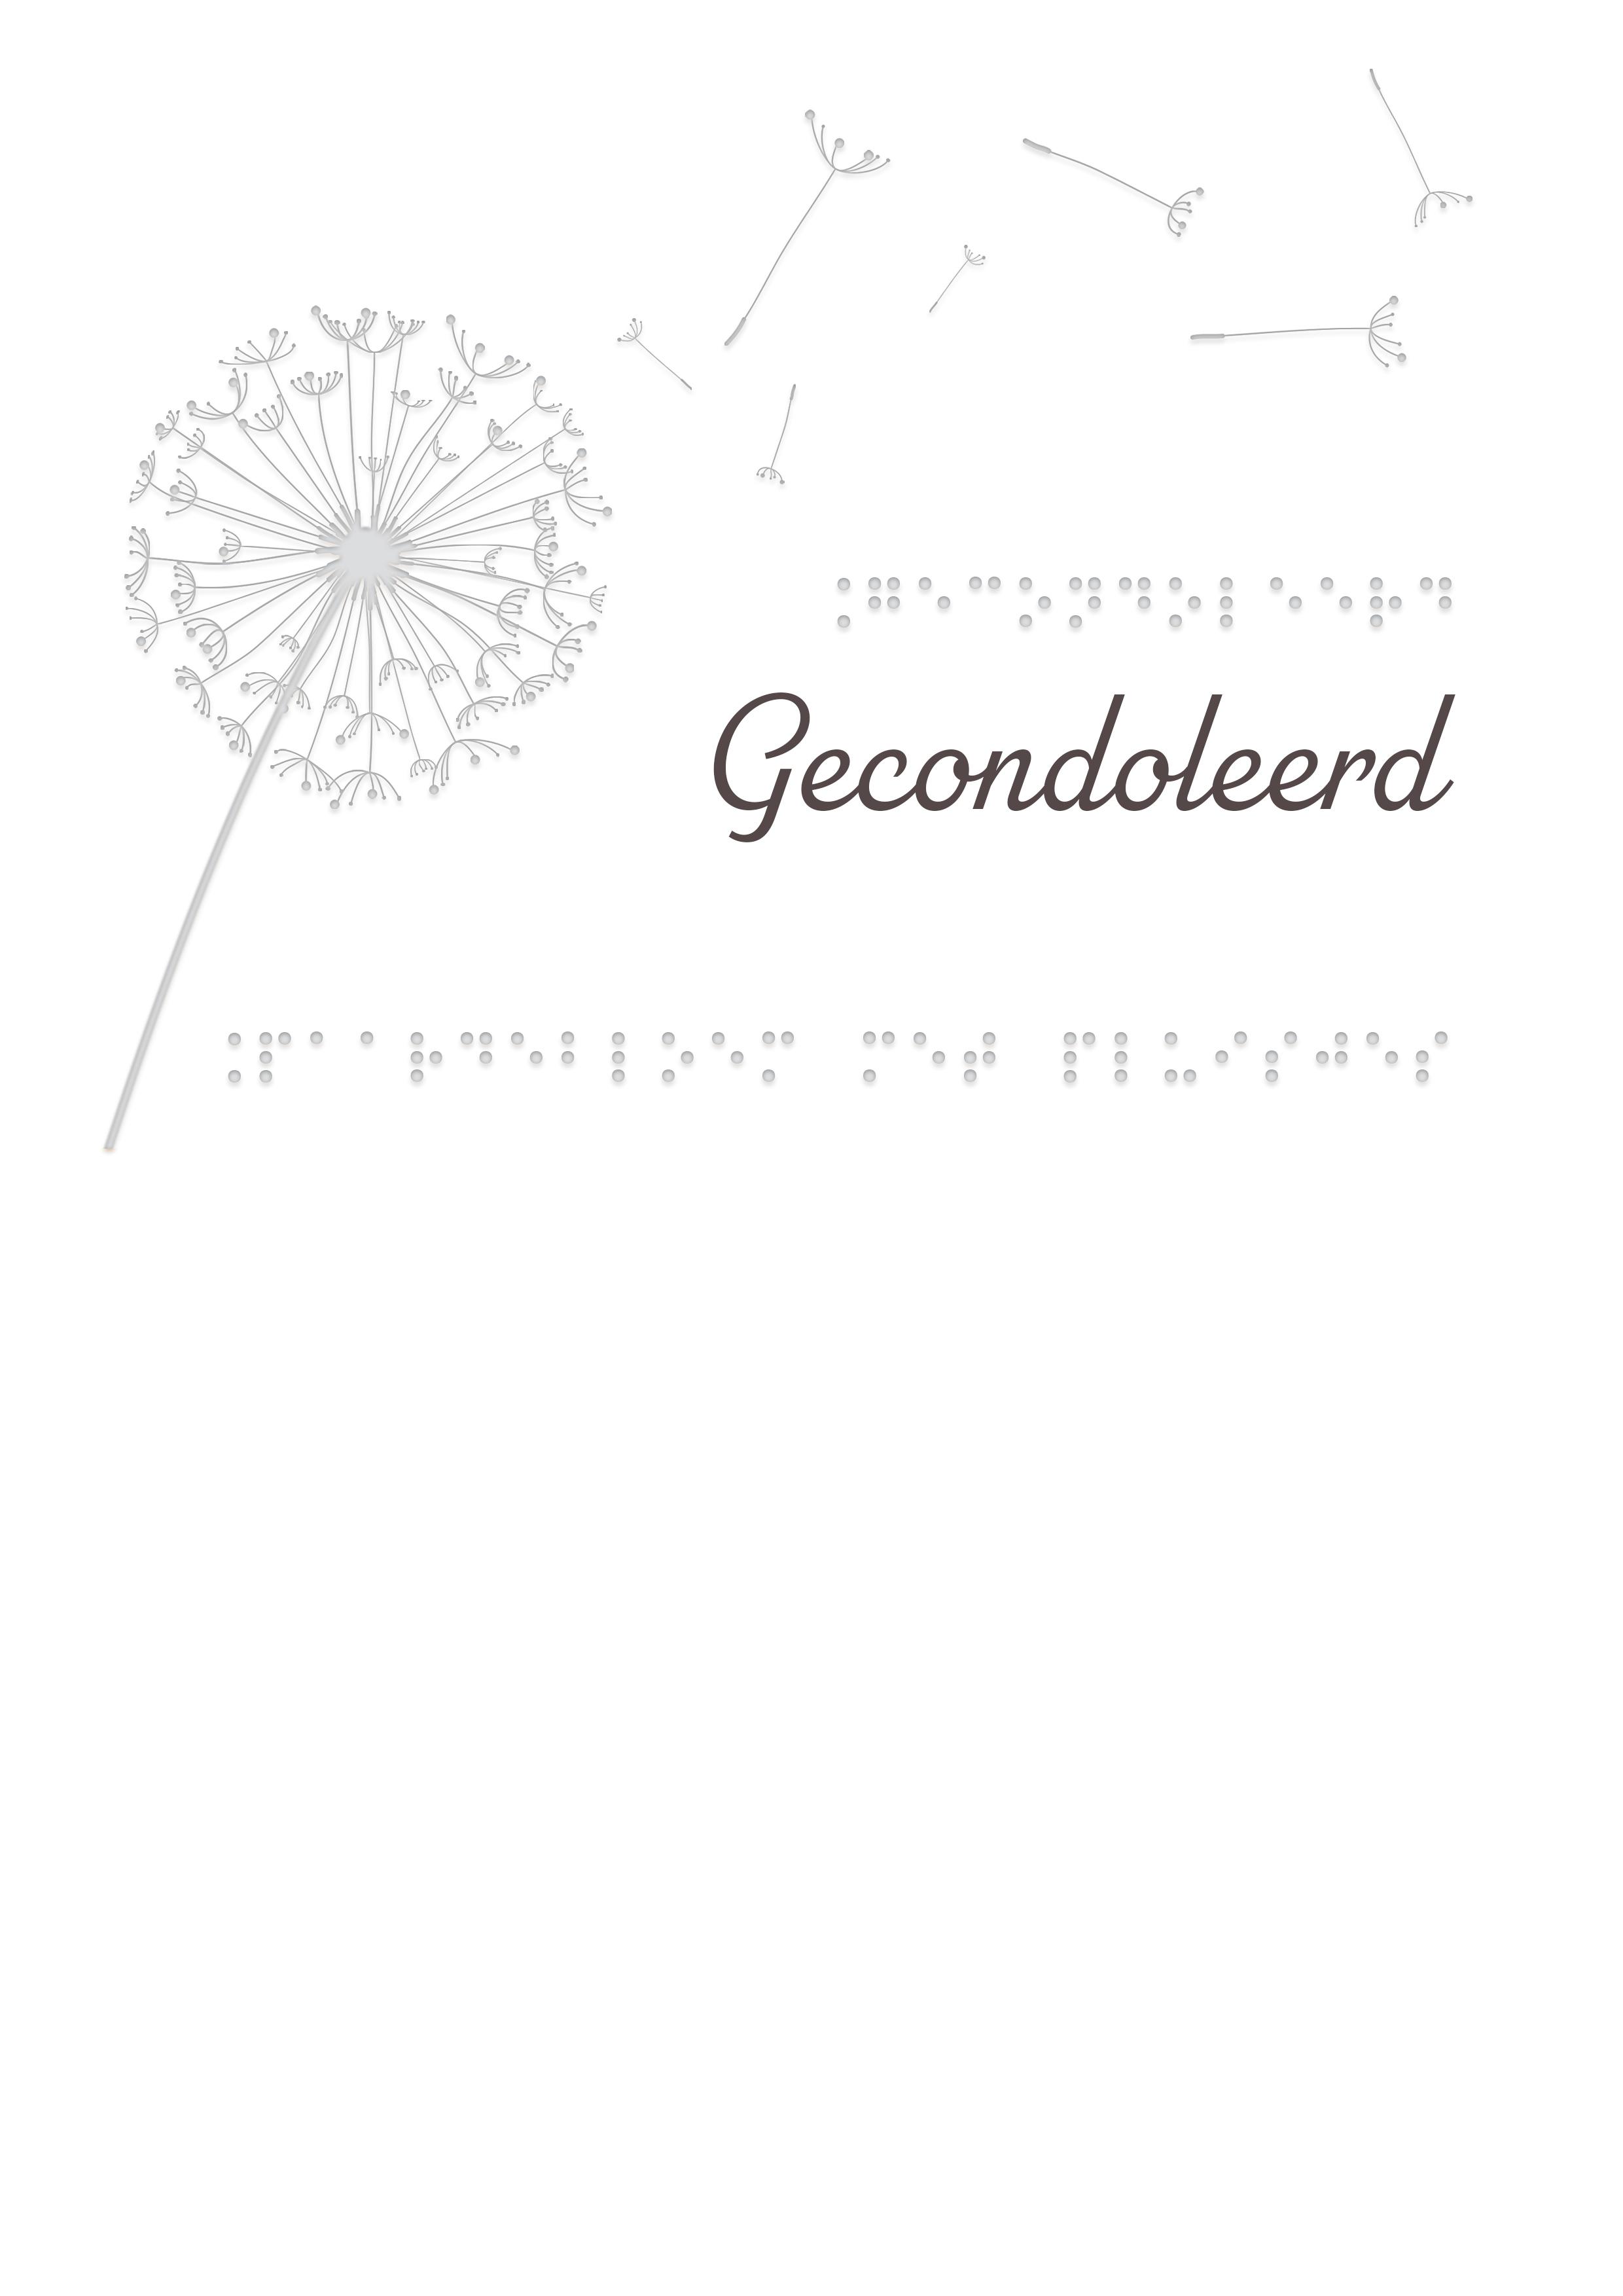 Voelbare kaart met braille en reliëf. In braille de tekst: Gecondoleerd. Met een voelbare afbeelding van een paardenbloem.